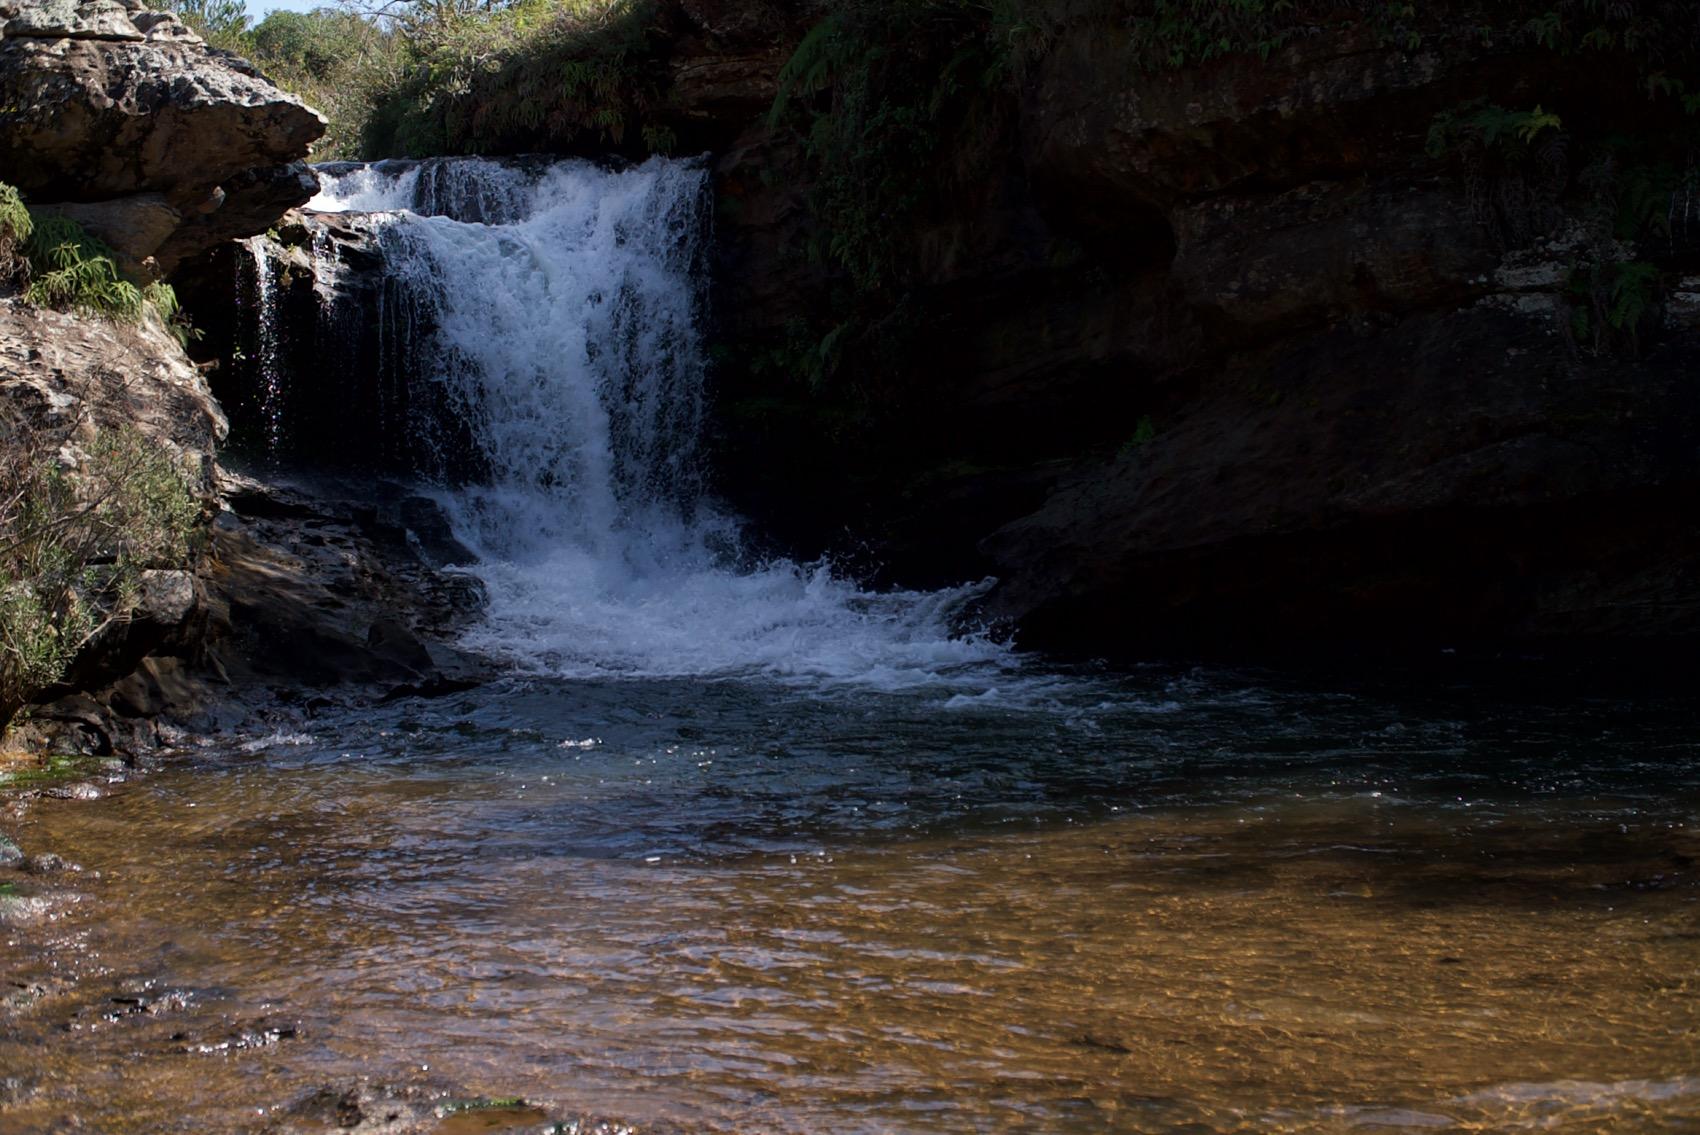 cachoeiras no parana perto de curitiba ponta grossa